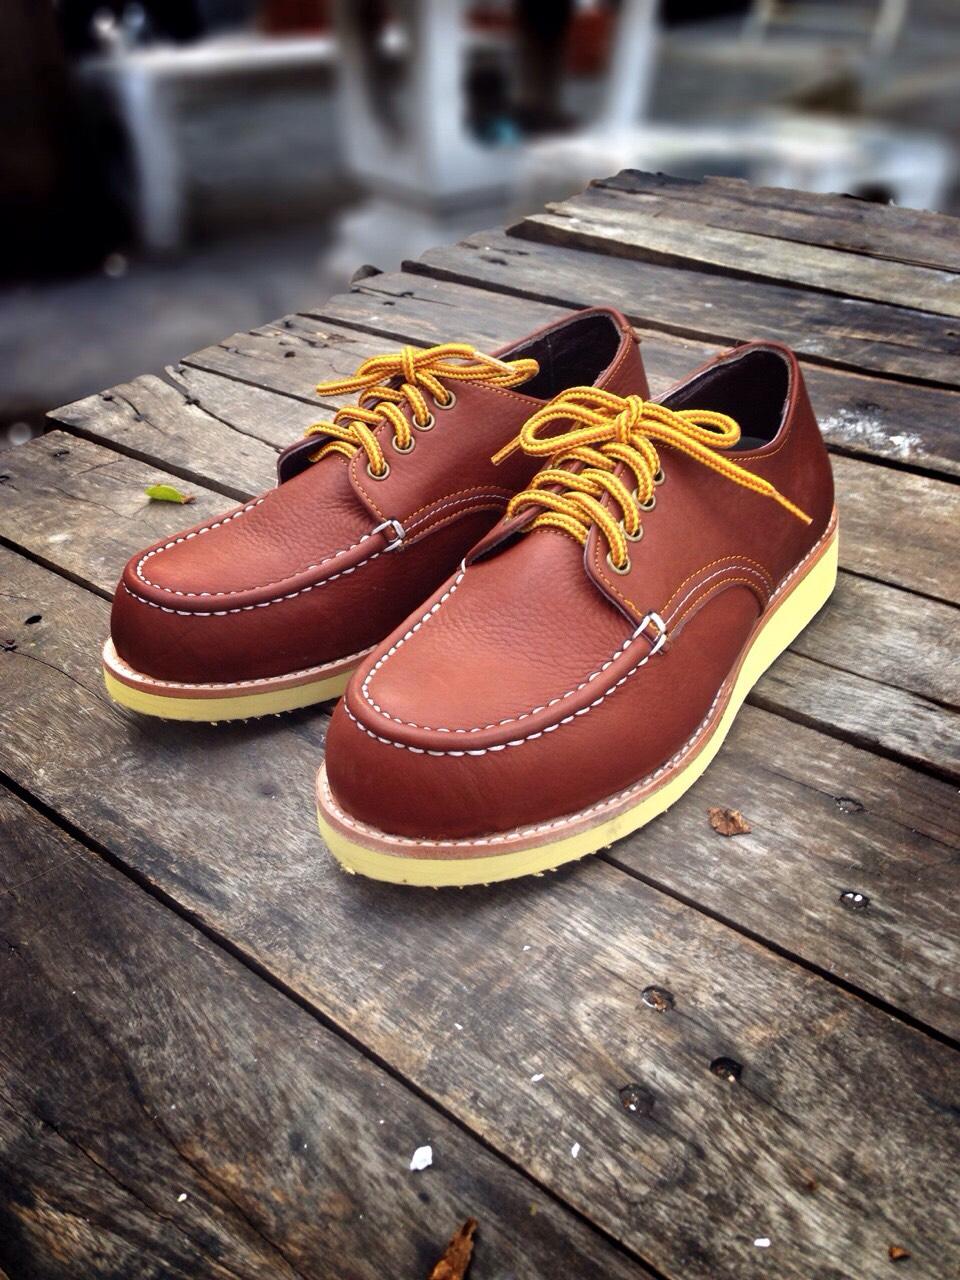 รองเท้าผู้ชาย | รองเท้าแฟชั่นชาย Red Brown Boat Shoe หนังชามัวร์ (หนังลูกวัวแท้)